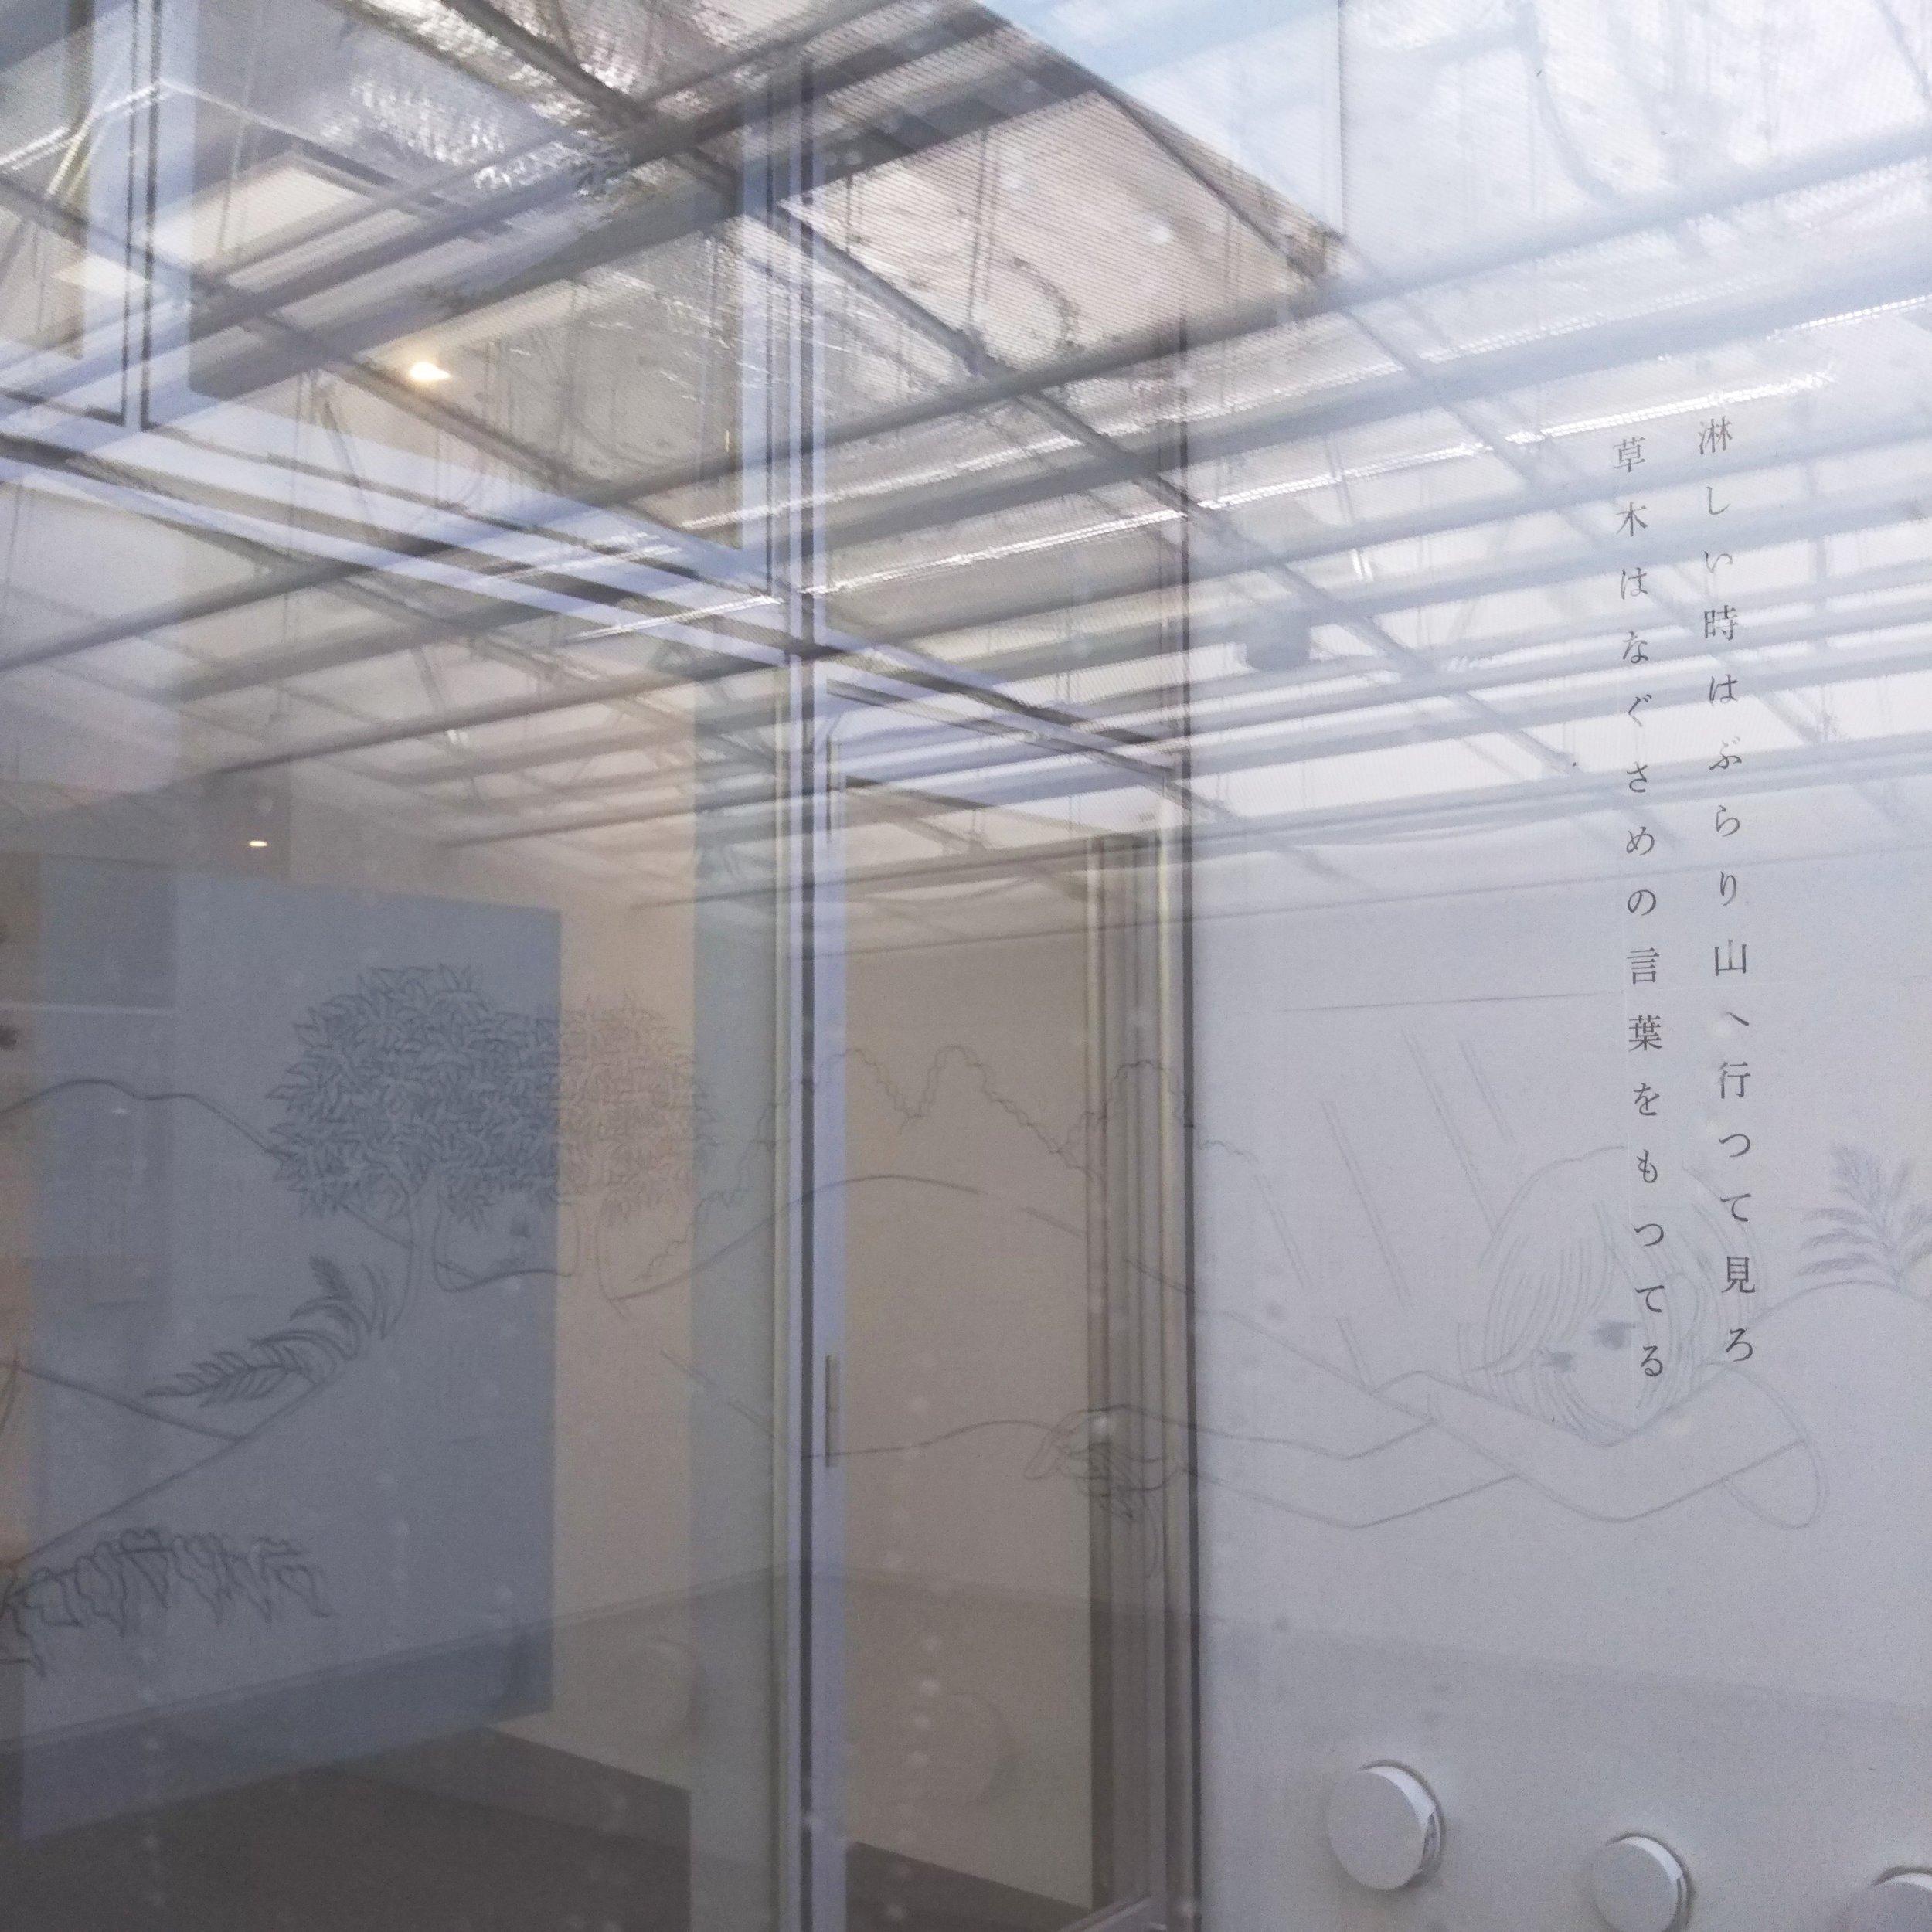 窓から見る短歌と窓にうつる壁画